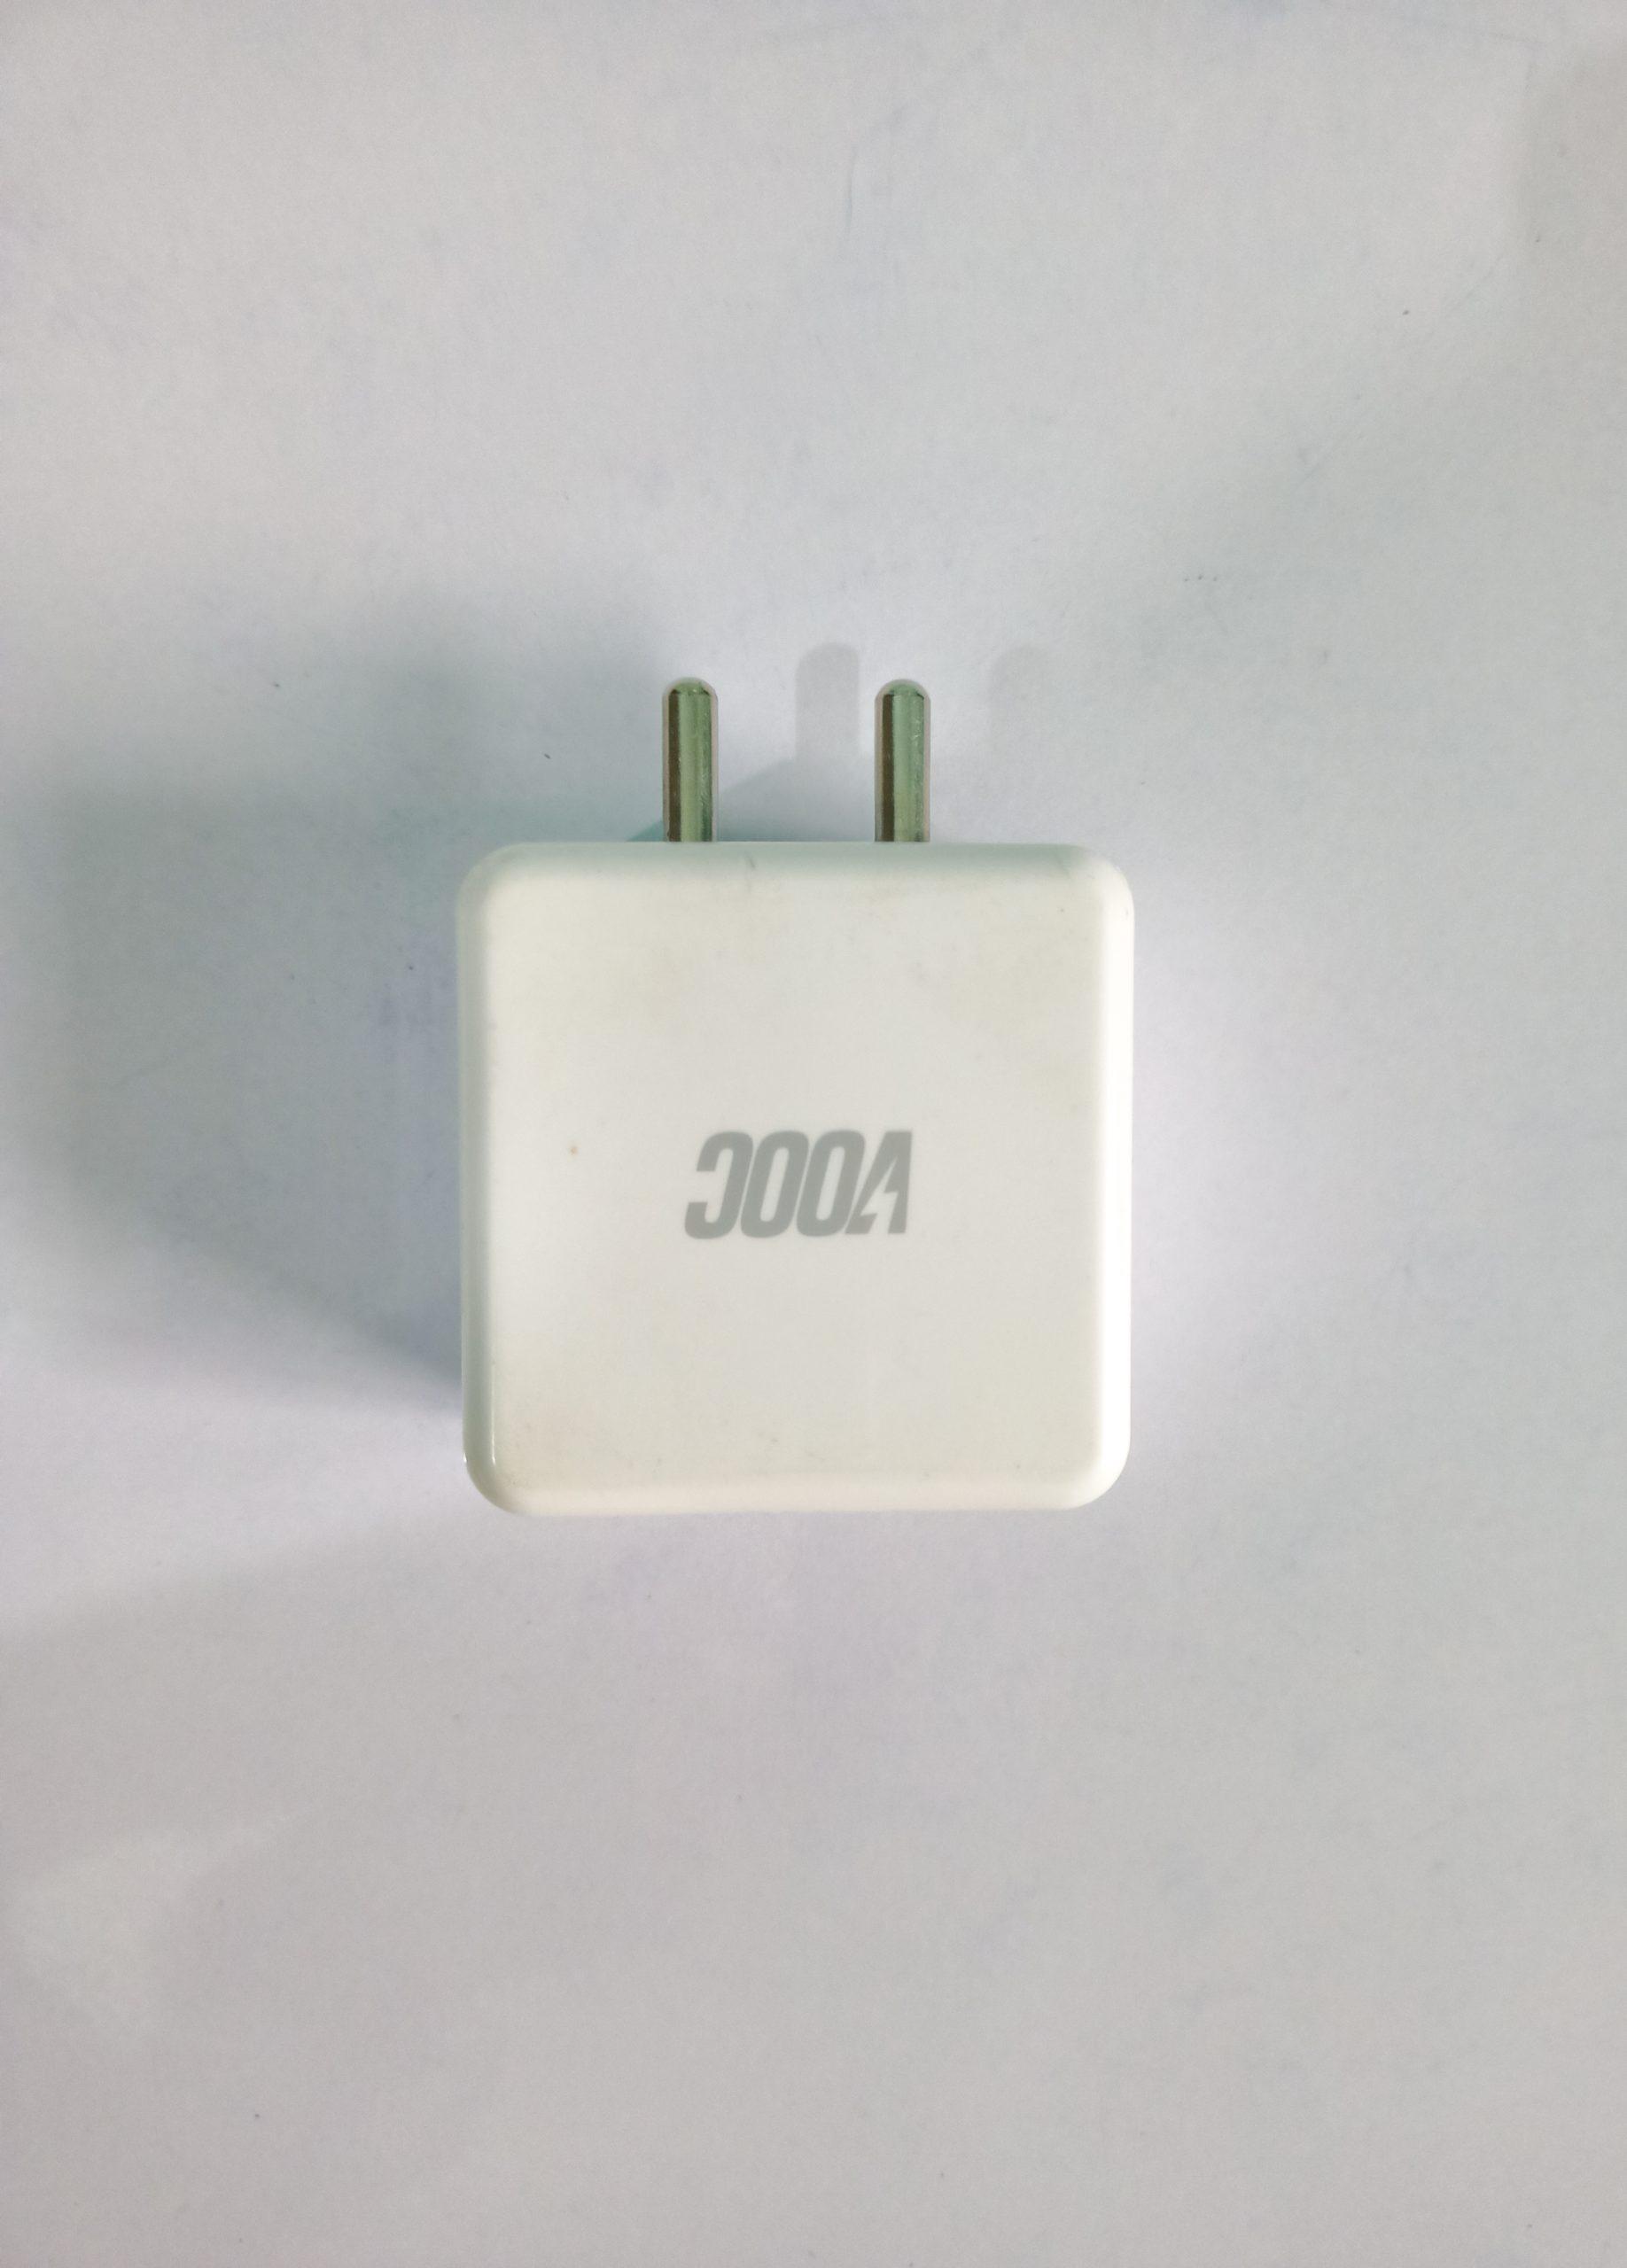 A power adapter